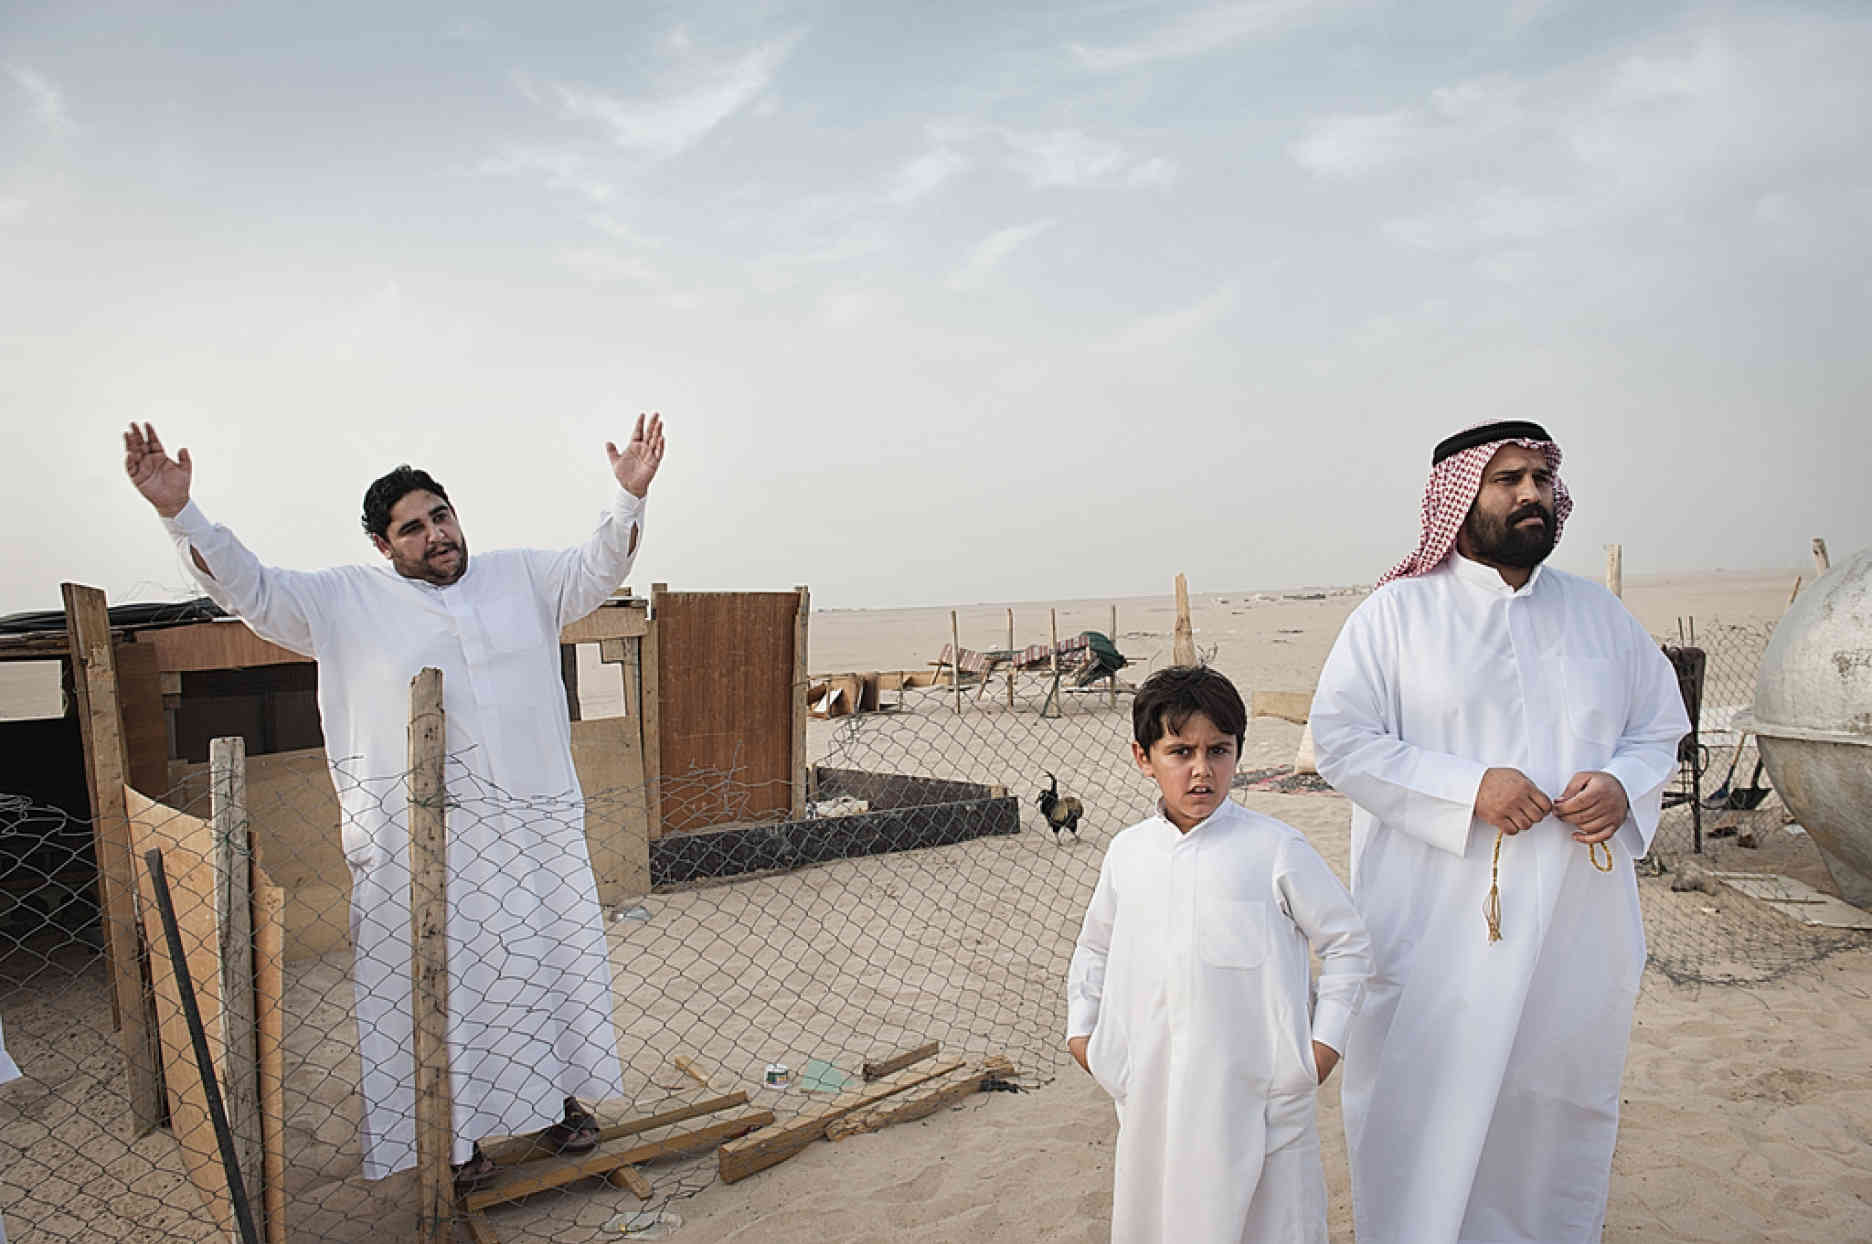 meilleurs sites de rencontres Koweït